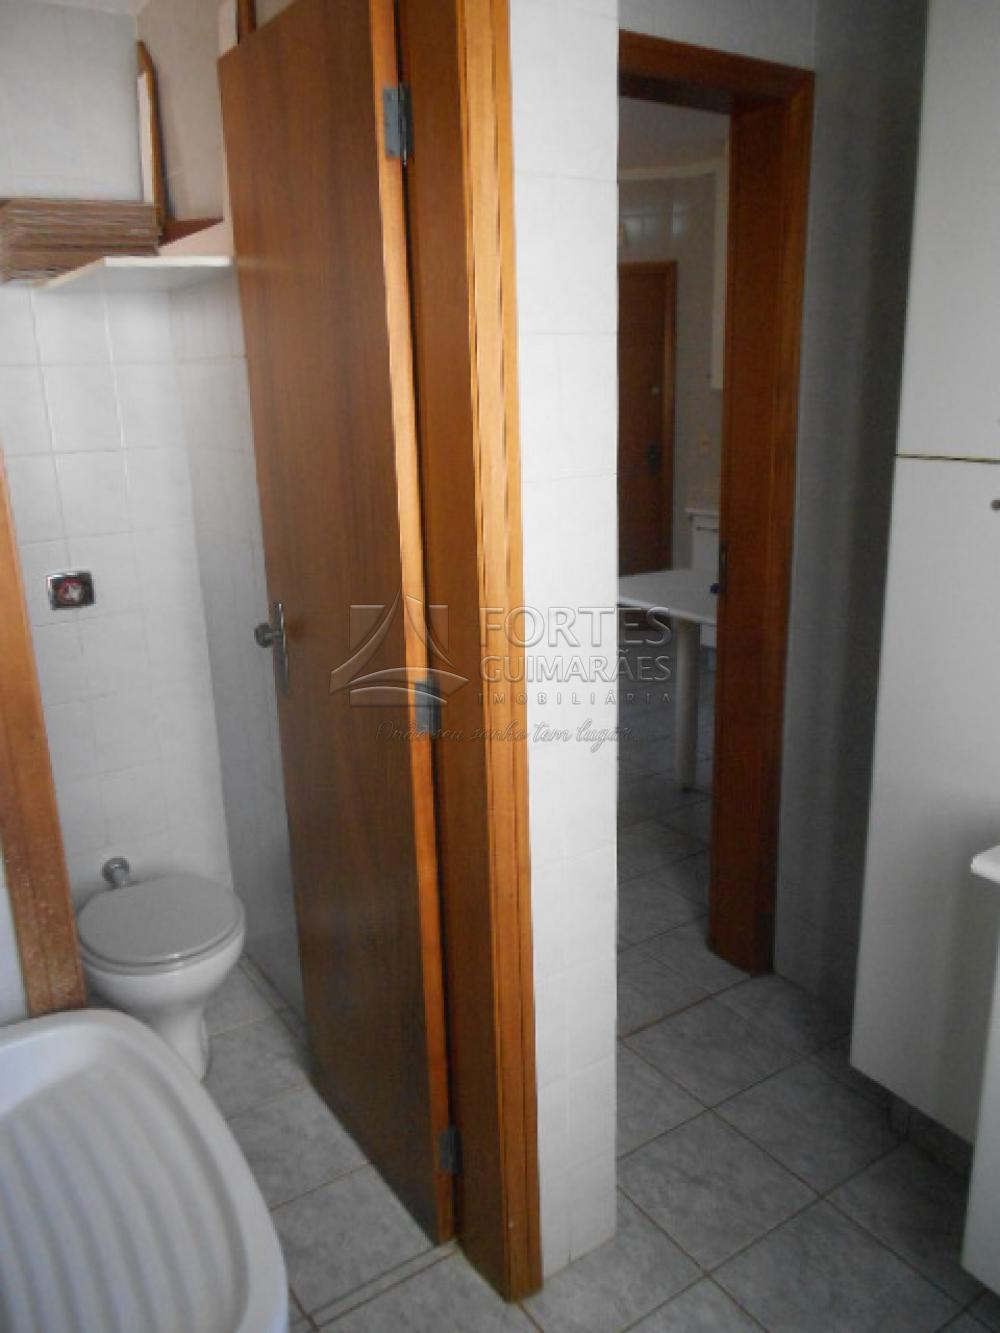 Alugar Apartamentos / Padrão em Ribeirão Preto apenas R$ 1.100,00 - Foto 47